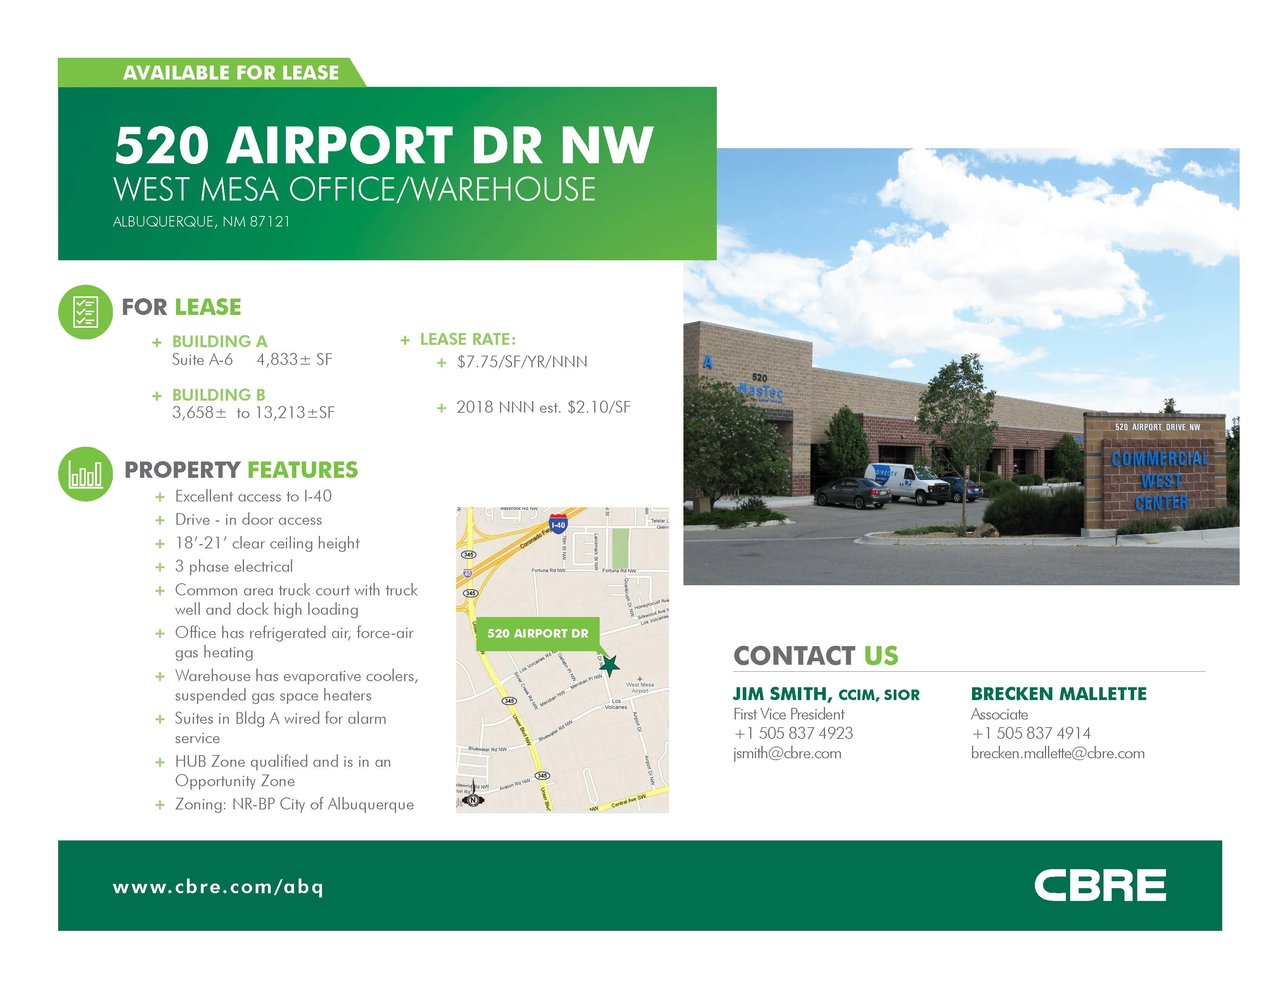 520 Airport Dr NW, Albuquerque, NM, 87121